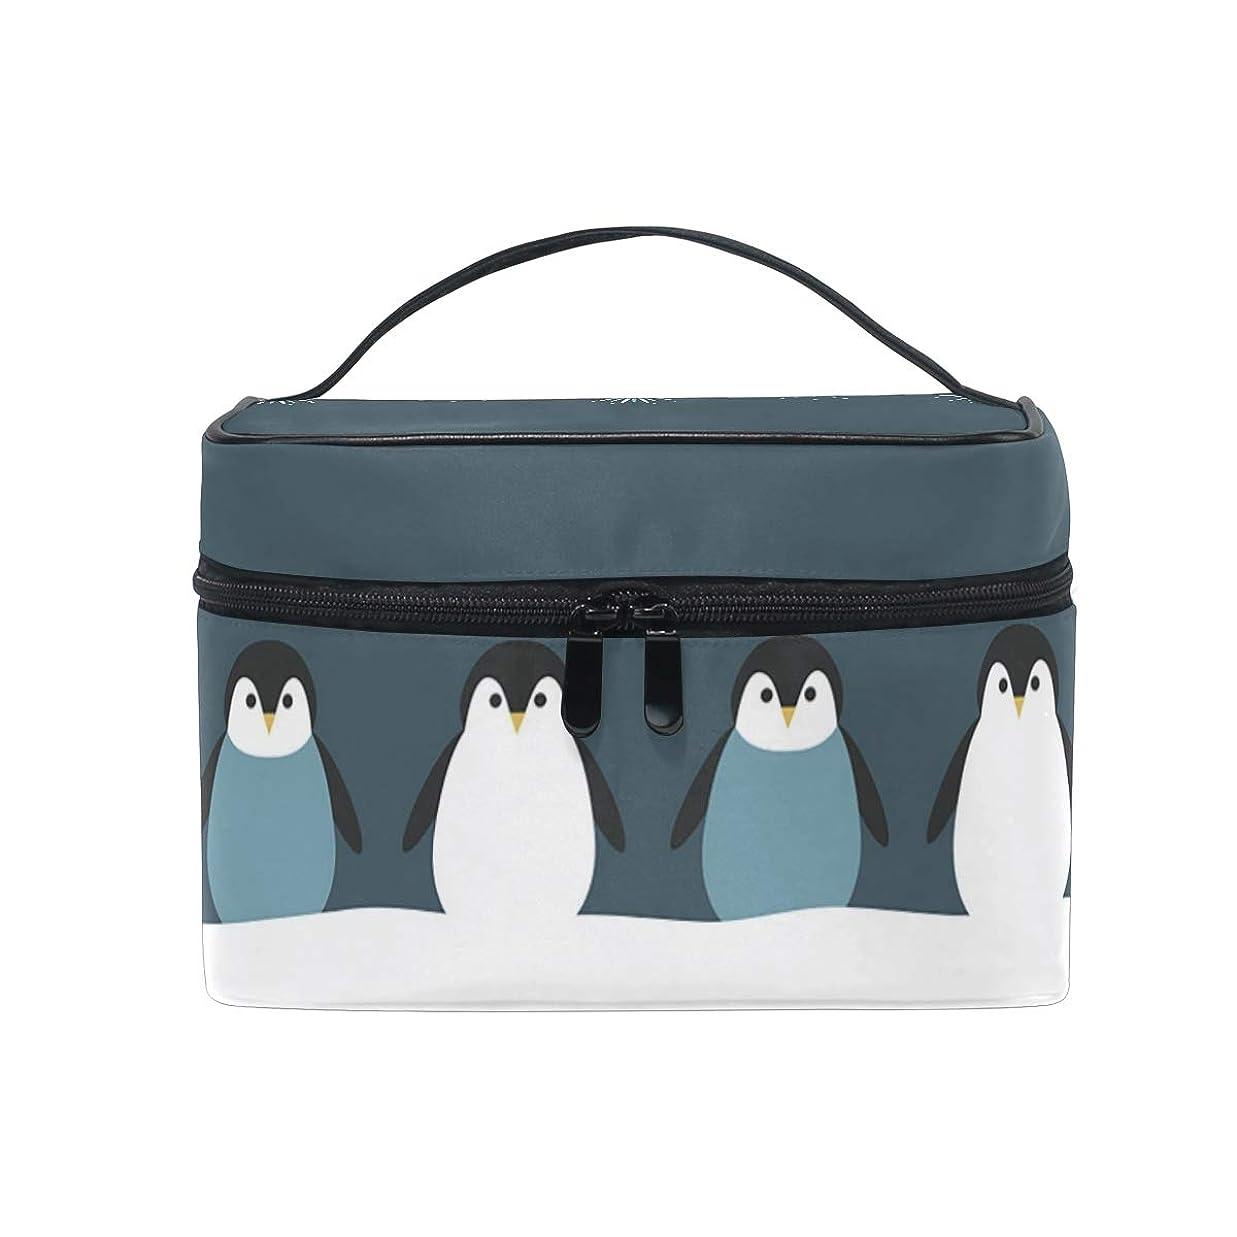 昼間背の高いすみませんメイクポーチ 動物 ペンギン 花火 化粧ポーチ 化粧箱 バニティポーチ コスメポーチ 化粧品 収納 雑貨 小物入れ 女性 超軽量 機能的 大容量